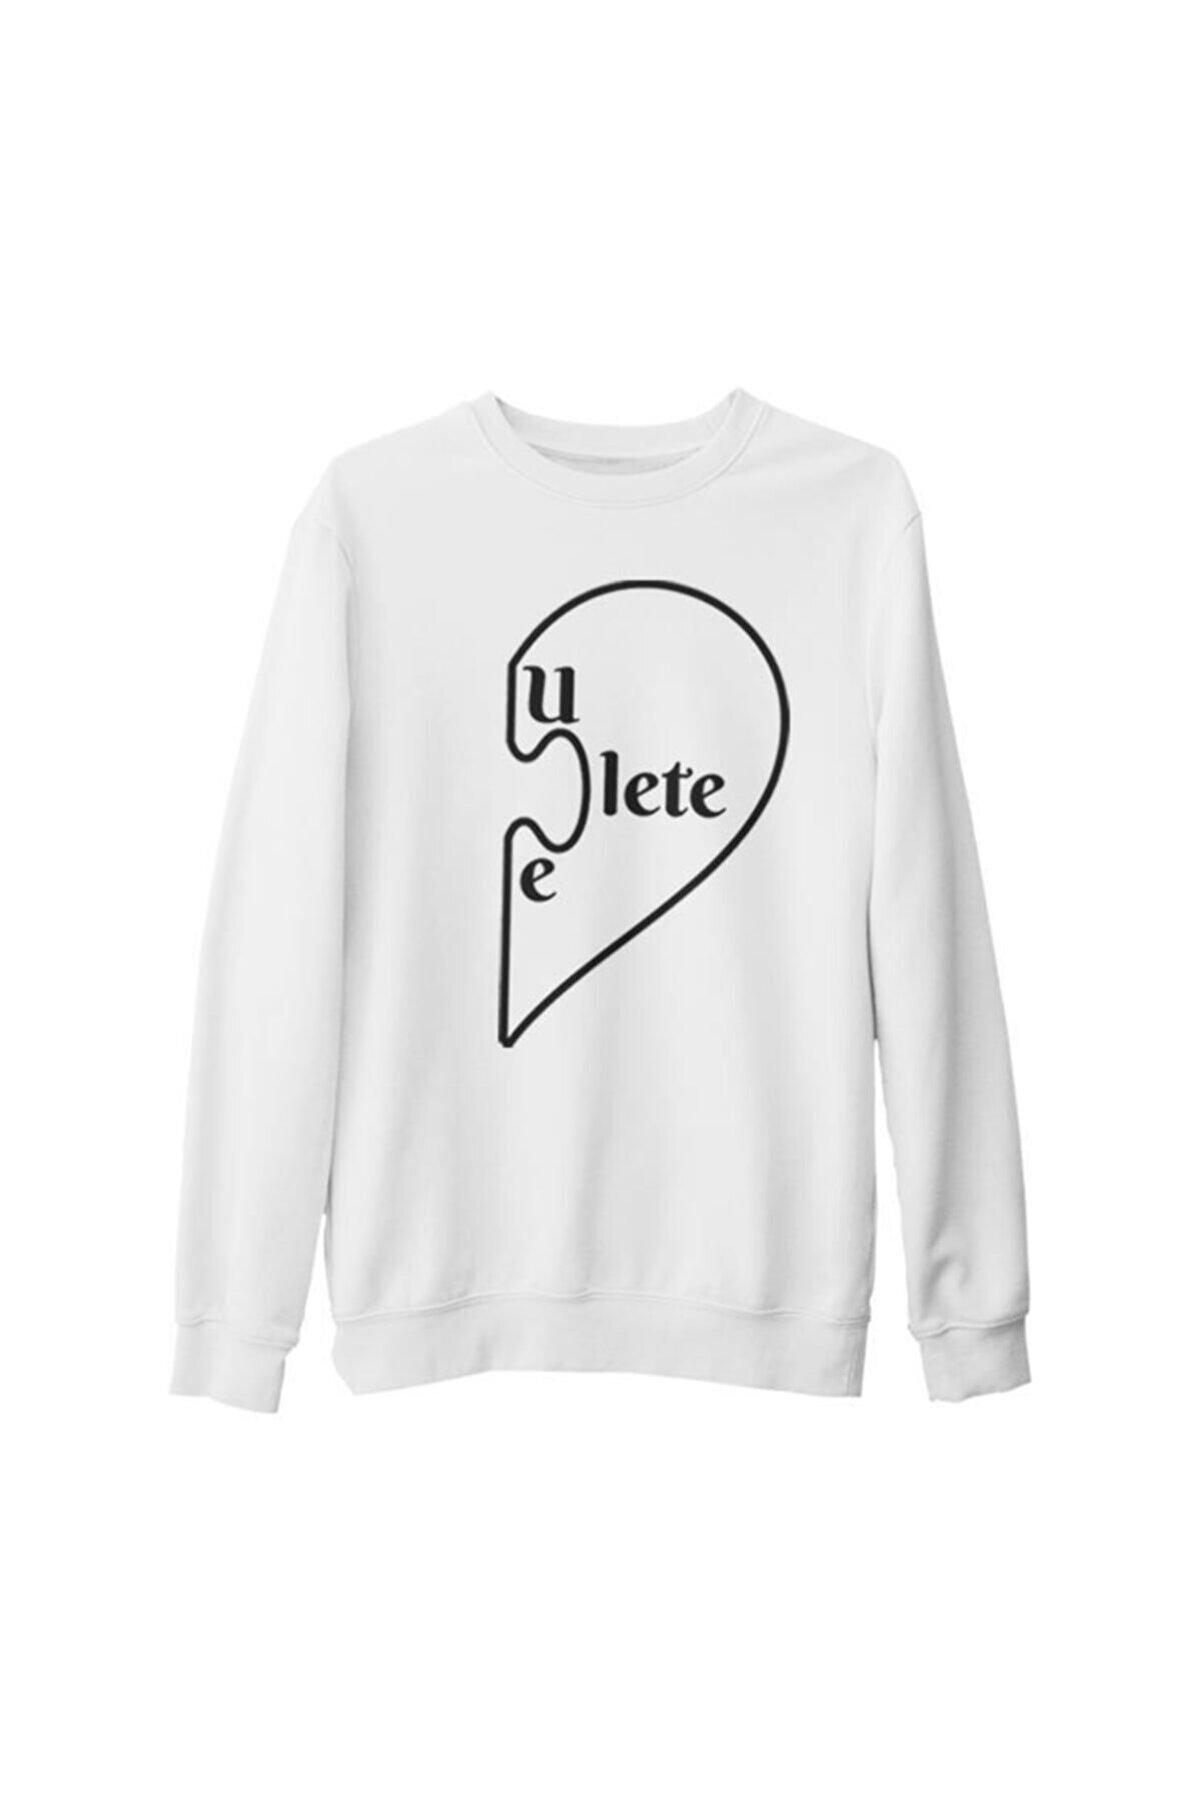 Lord T-Shirt Unisex Beyaz Baskılı Kalın Sweatshirt